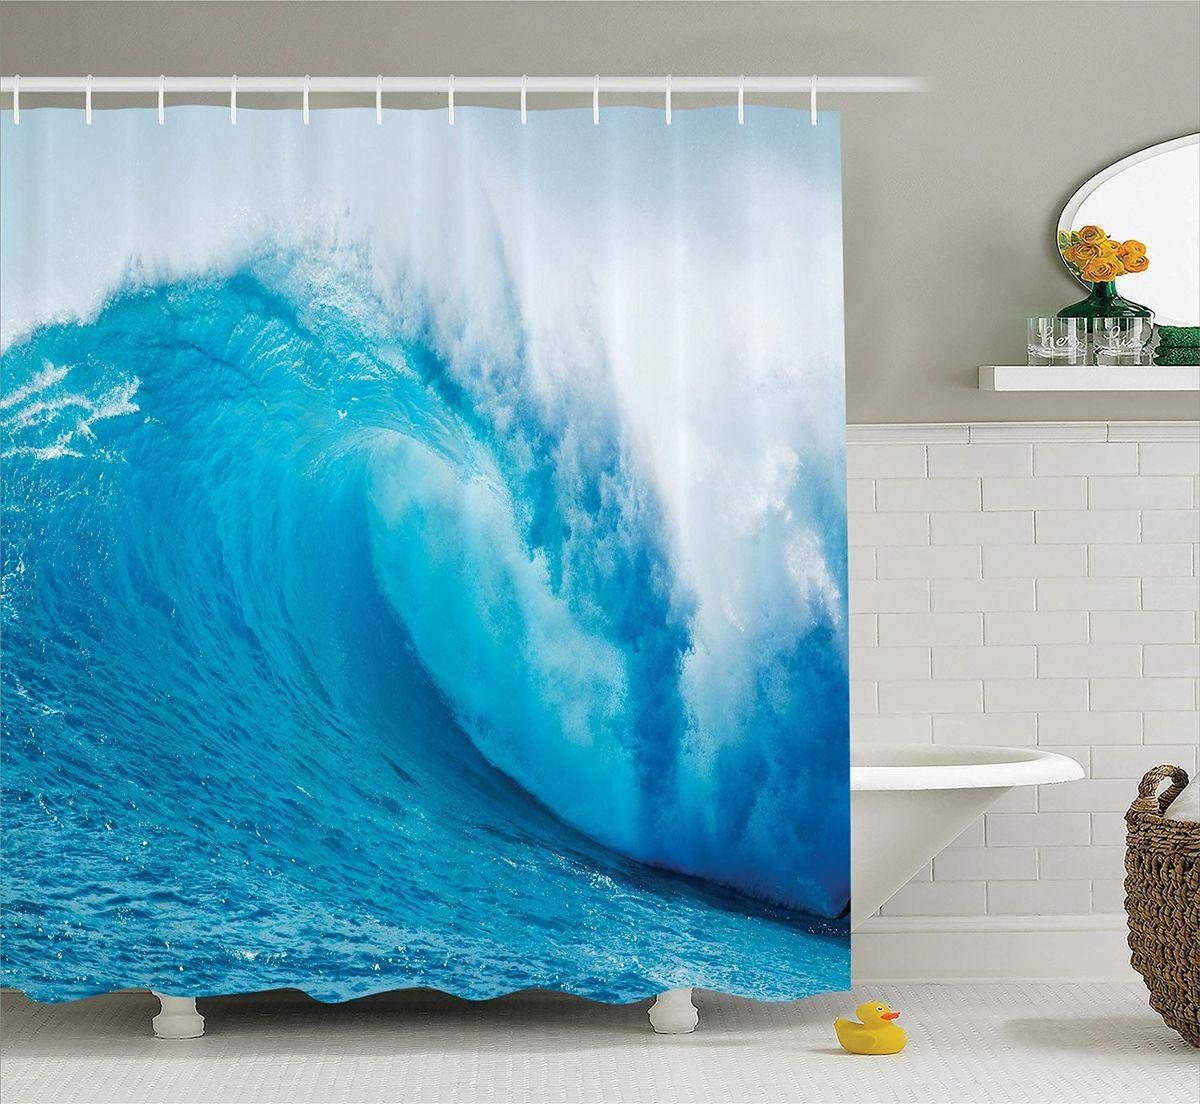 Штора для ванной комнаты Magic Lady Голубая волна, 180 х 200 см531-105Штора Magic Lady Голубая волна, изготовленная из высококачественного сатена (полиэстер 100%), отлично дополнит любой интерьер ванной комнаты. При изготовлении используются специальные гипоаллергенные чернила для прямой печати по ткани, безопасные для человека.В комплекте: 1 штора, 12 крючков. Обращаем ваше внимание, фактический цвет изделия может незначительно отличаться от представленного на фото.